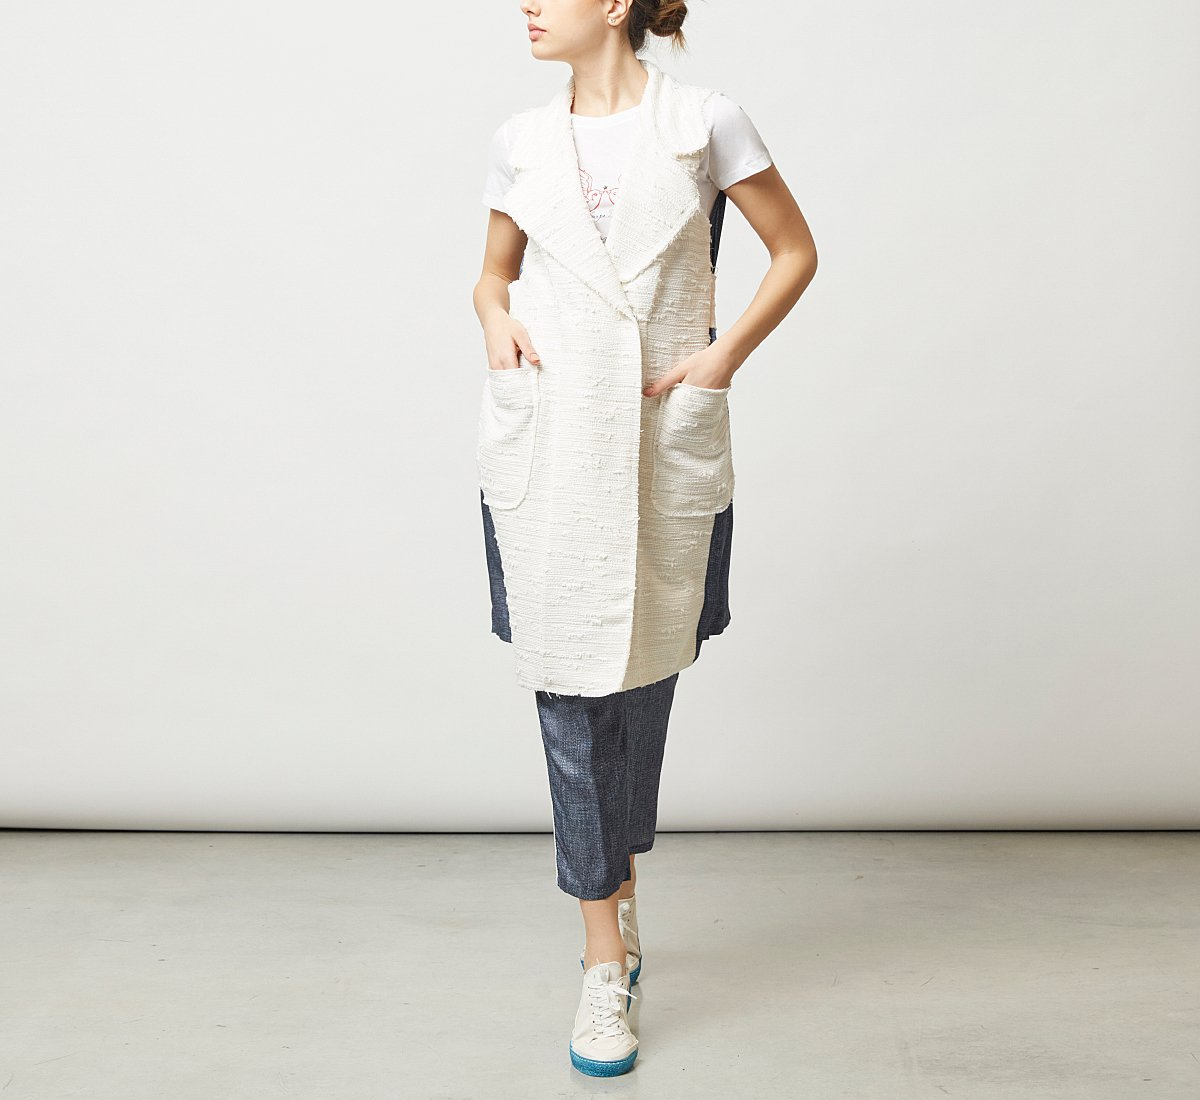 Denim-style fabric jacket